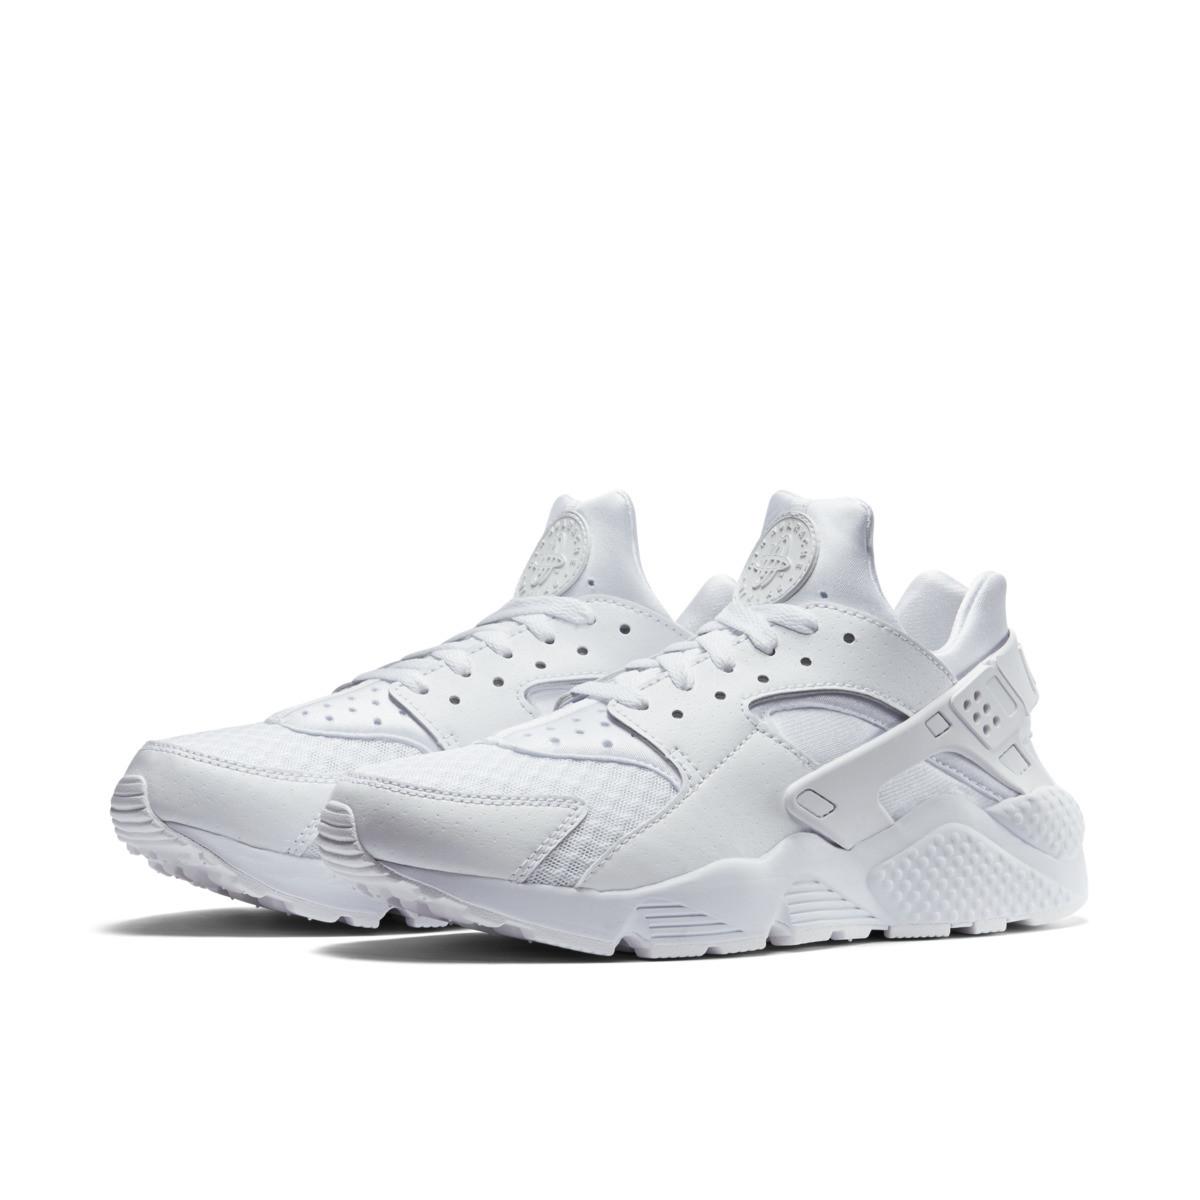 Moda zapatos de otoño último estilo de 2019 En las rebajas de El Corte Inglés tenemos las zapatillas Nike Air ...